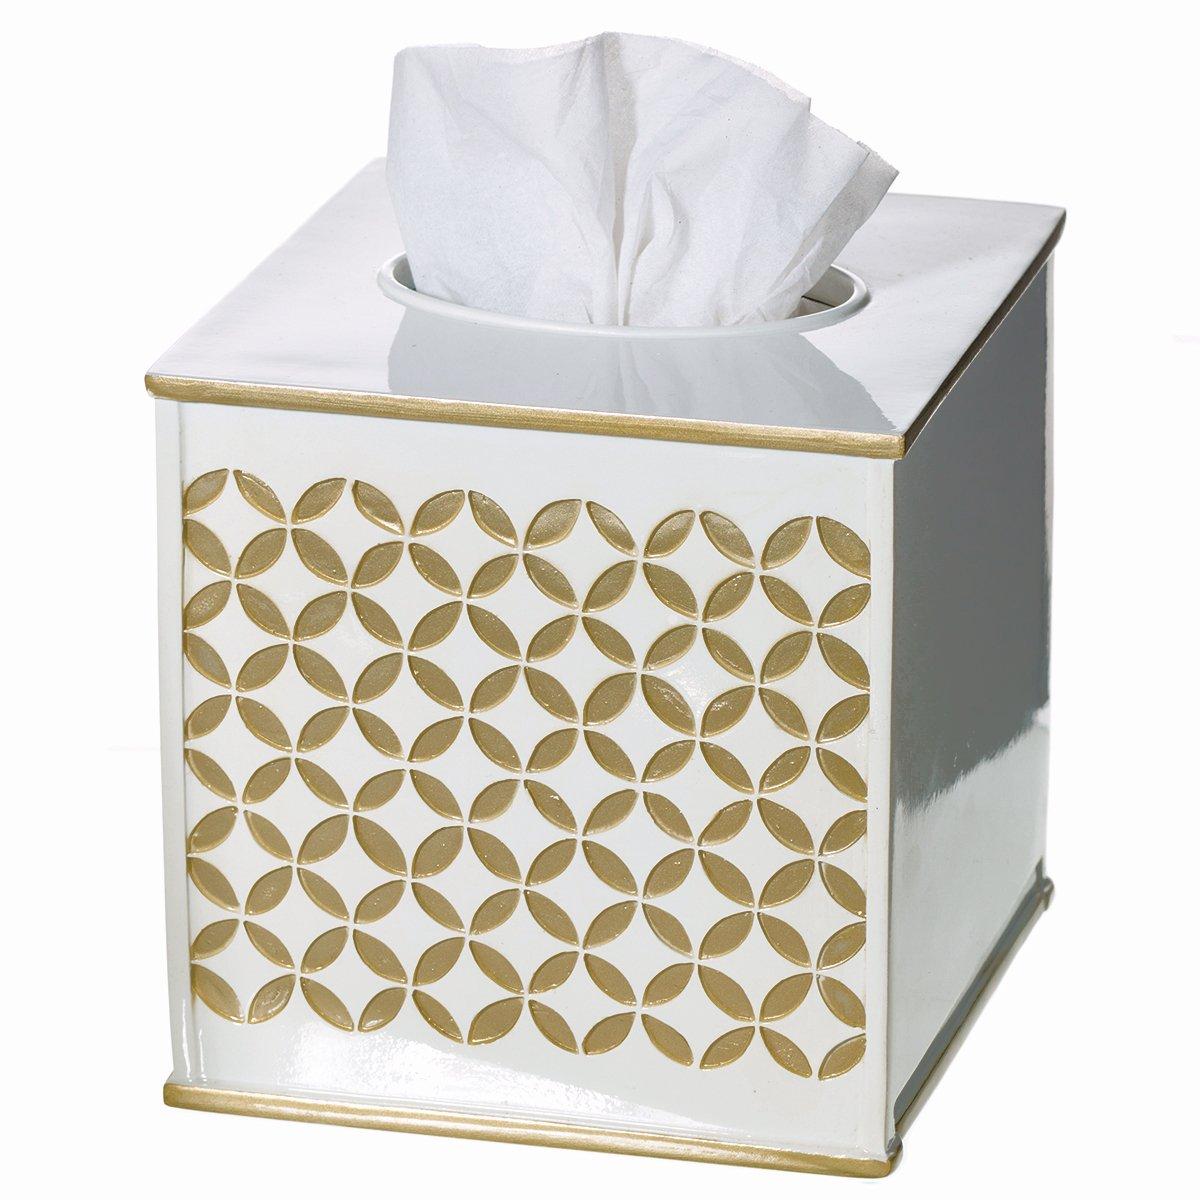 Amazon Com Diamond Lattice Gold Tissue Box Cover Square X